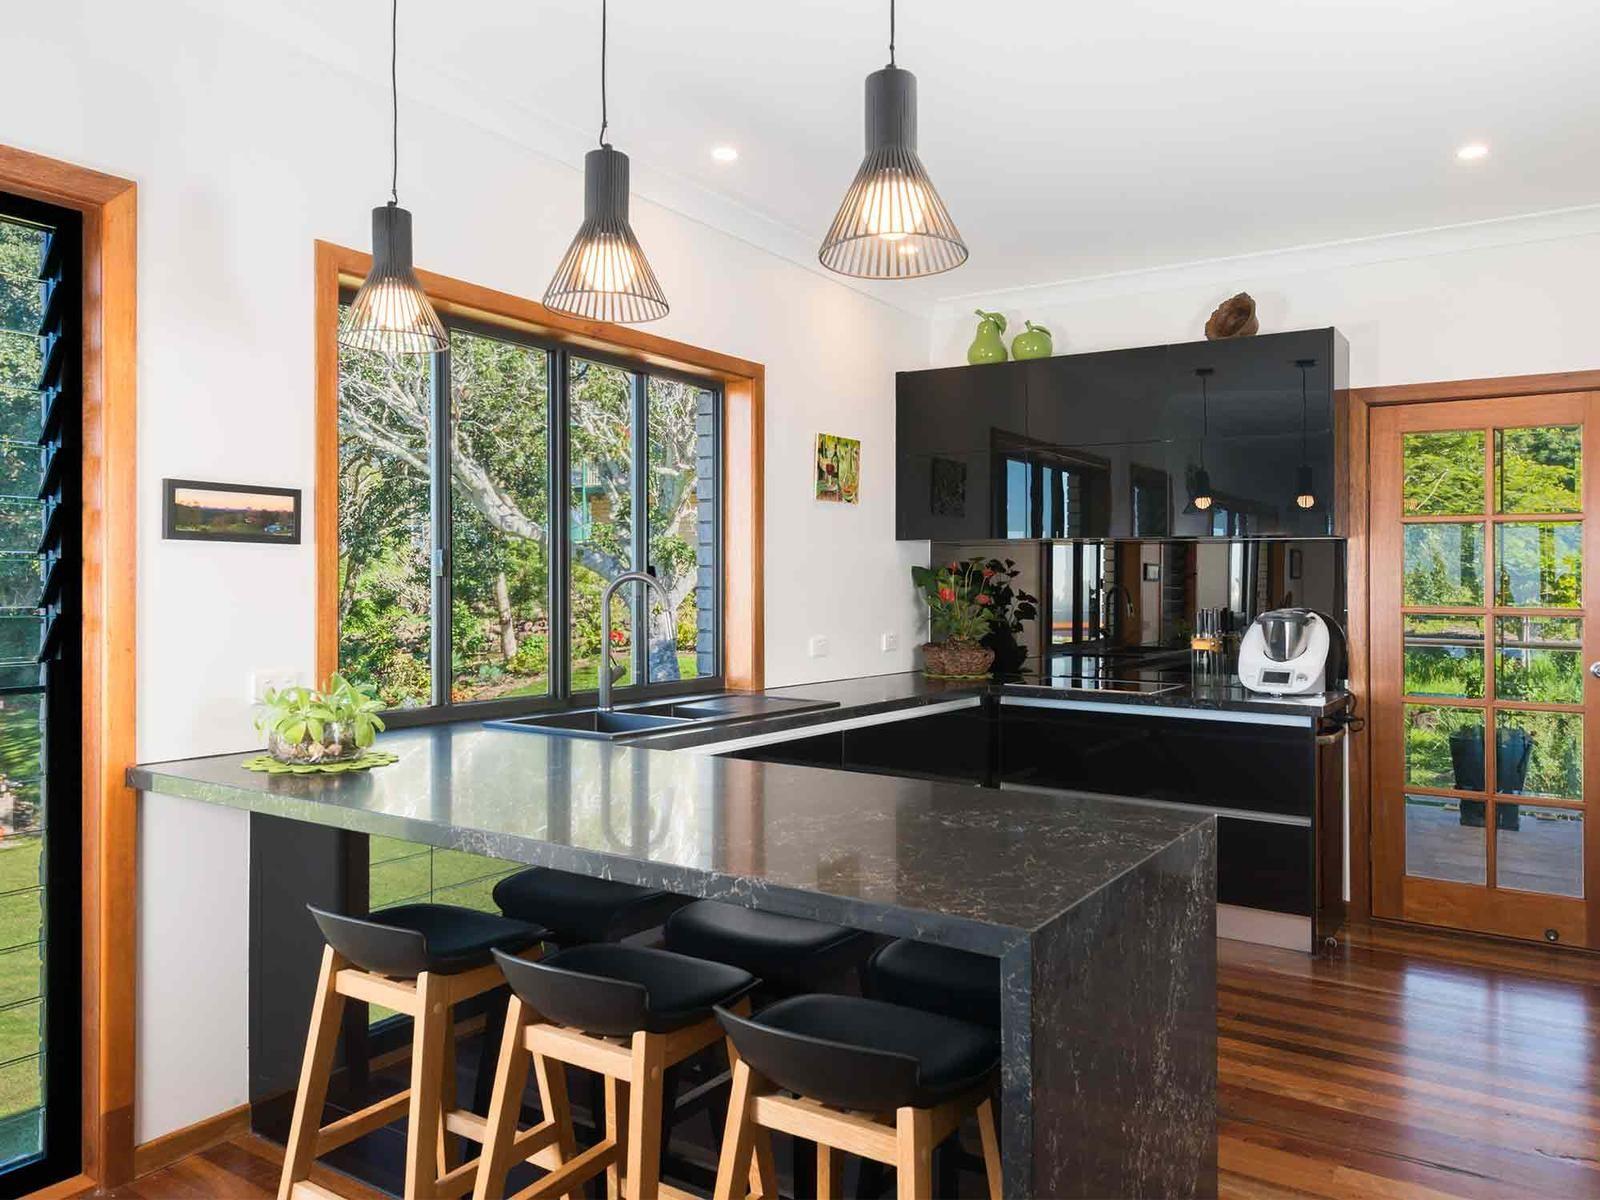 u shaped kitchen designs kitchen ideas 2018 luxury kitchen design condo kitchen remodel on c kitchen design id=68255